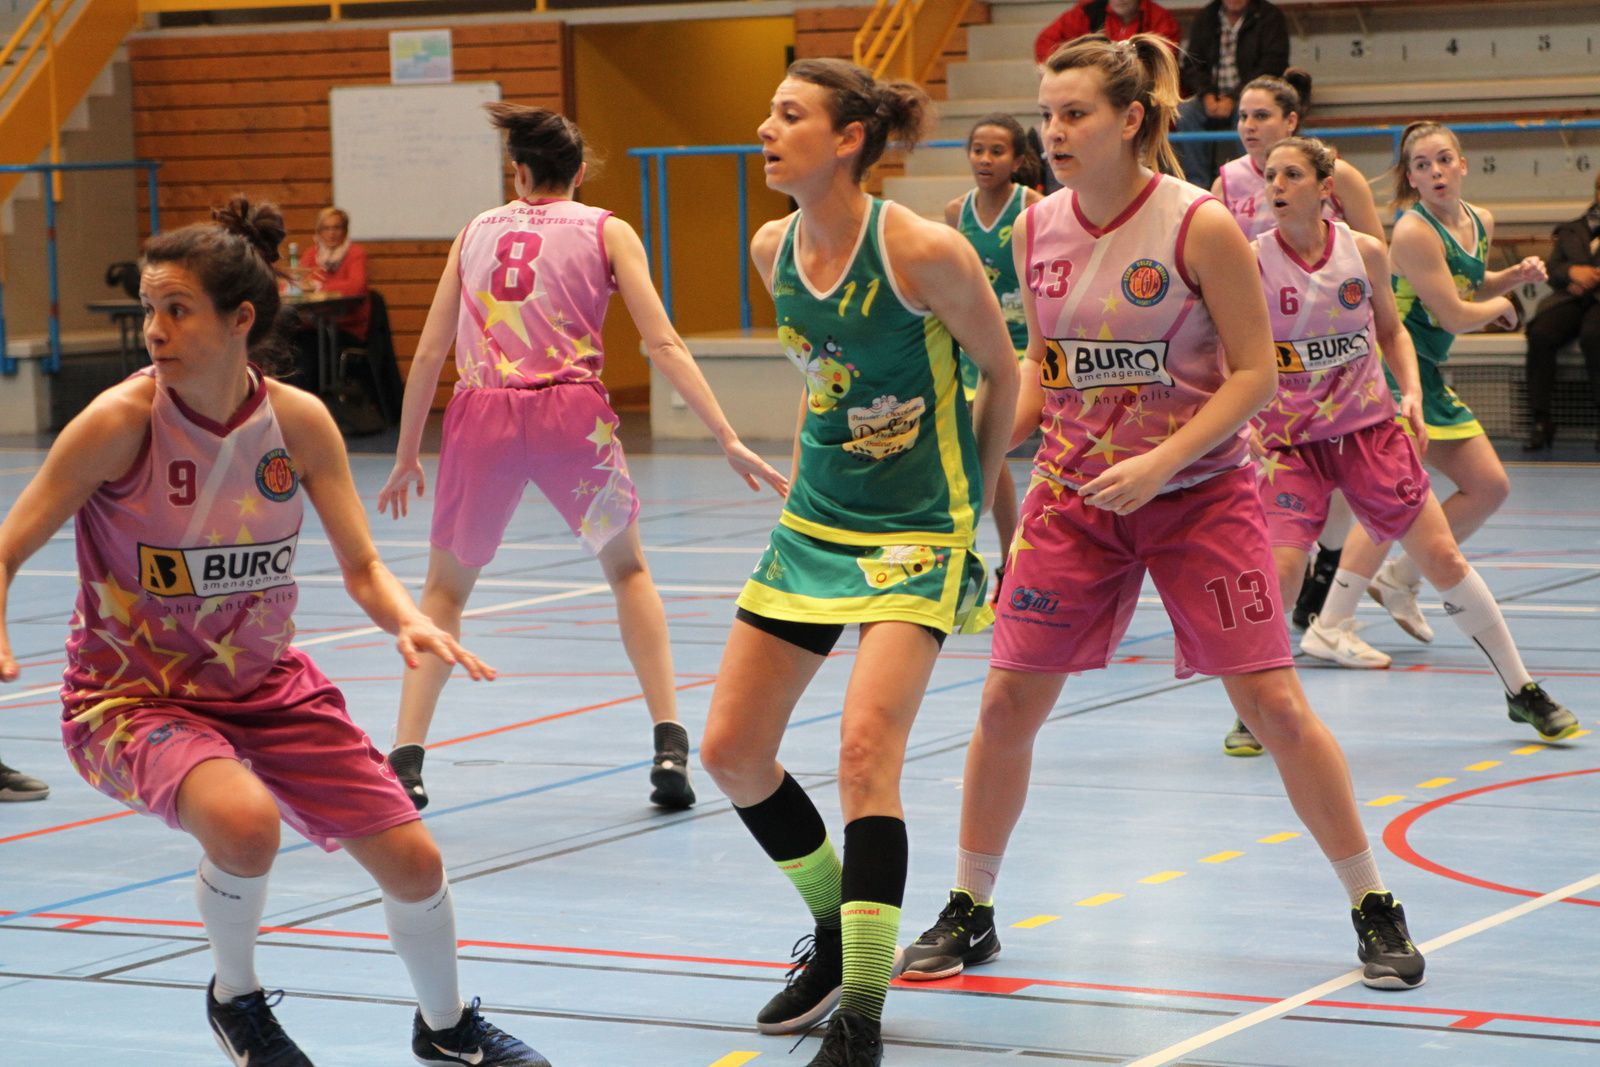 L'ALVP Basket feminin assure avec cette victoire son maintien en N3F - Photos : ©Sports Vénissians